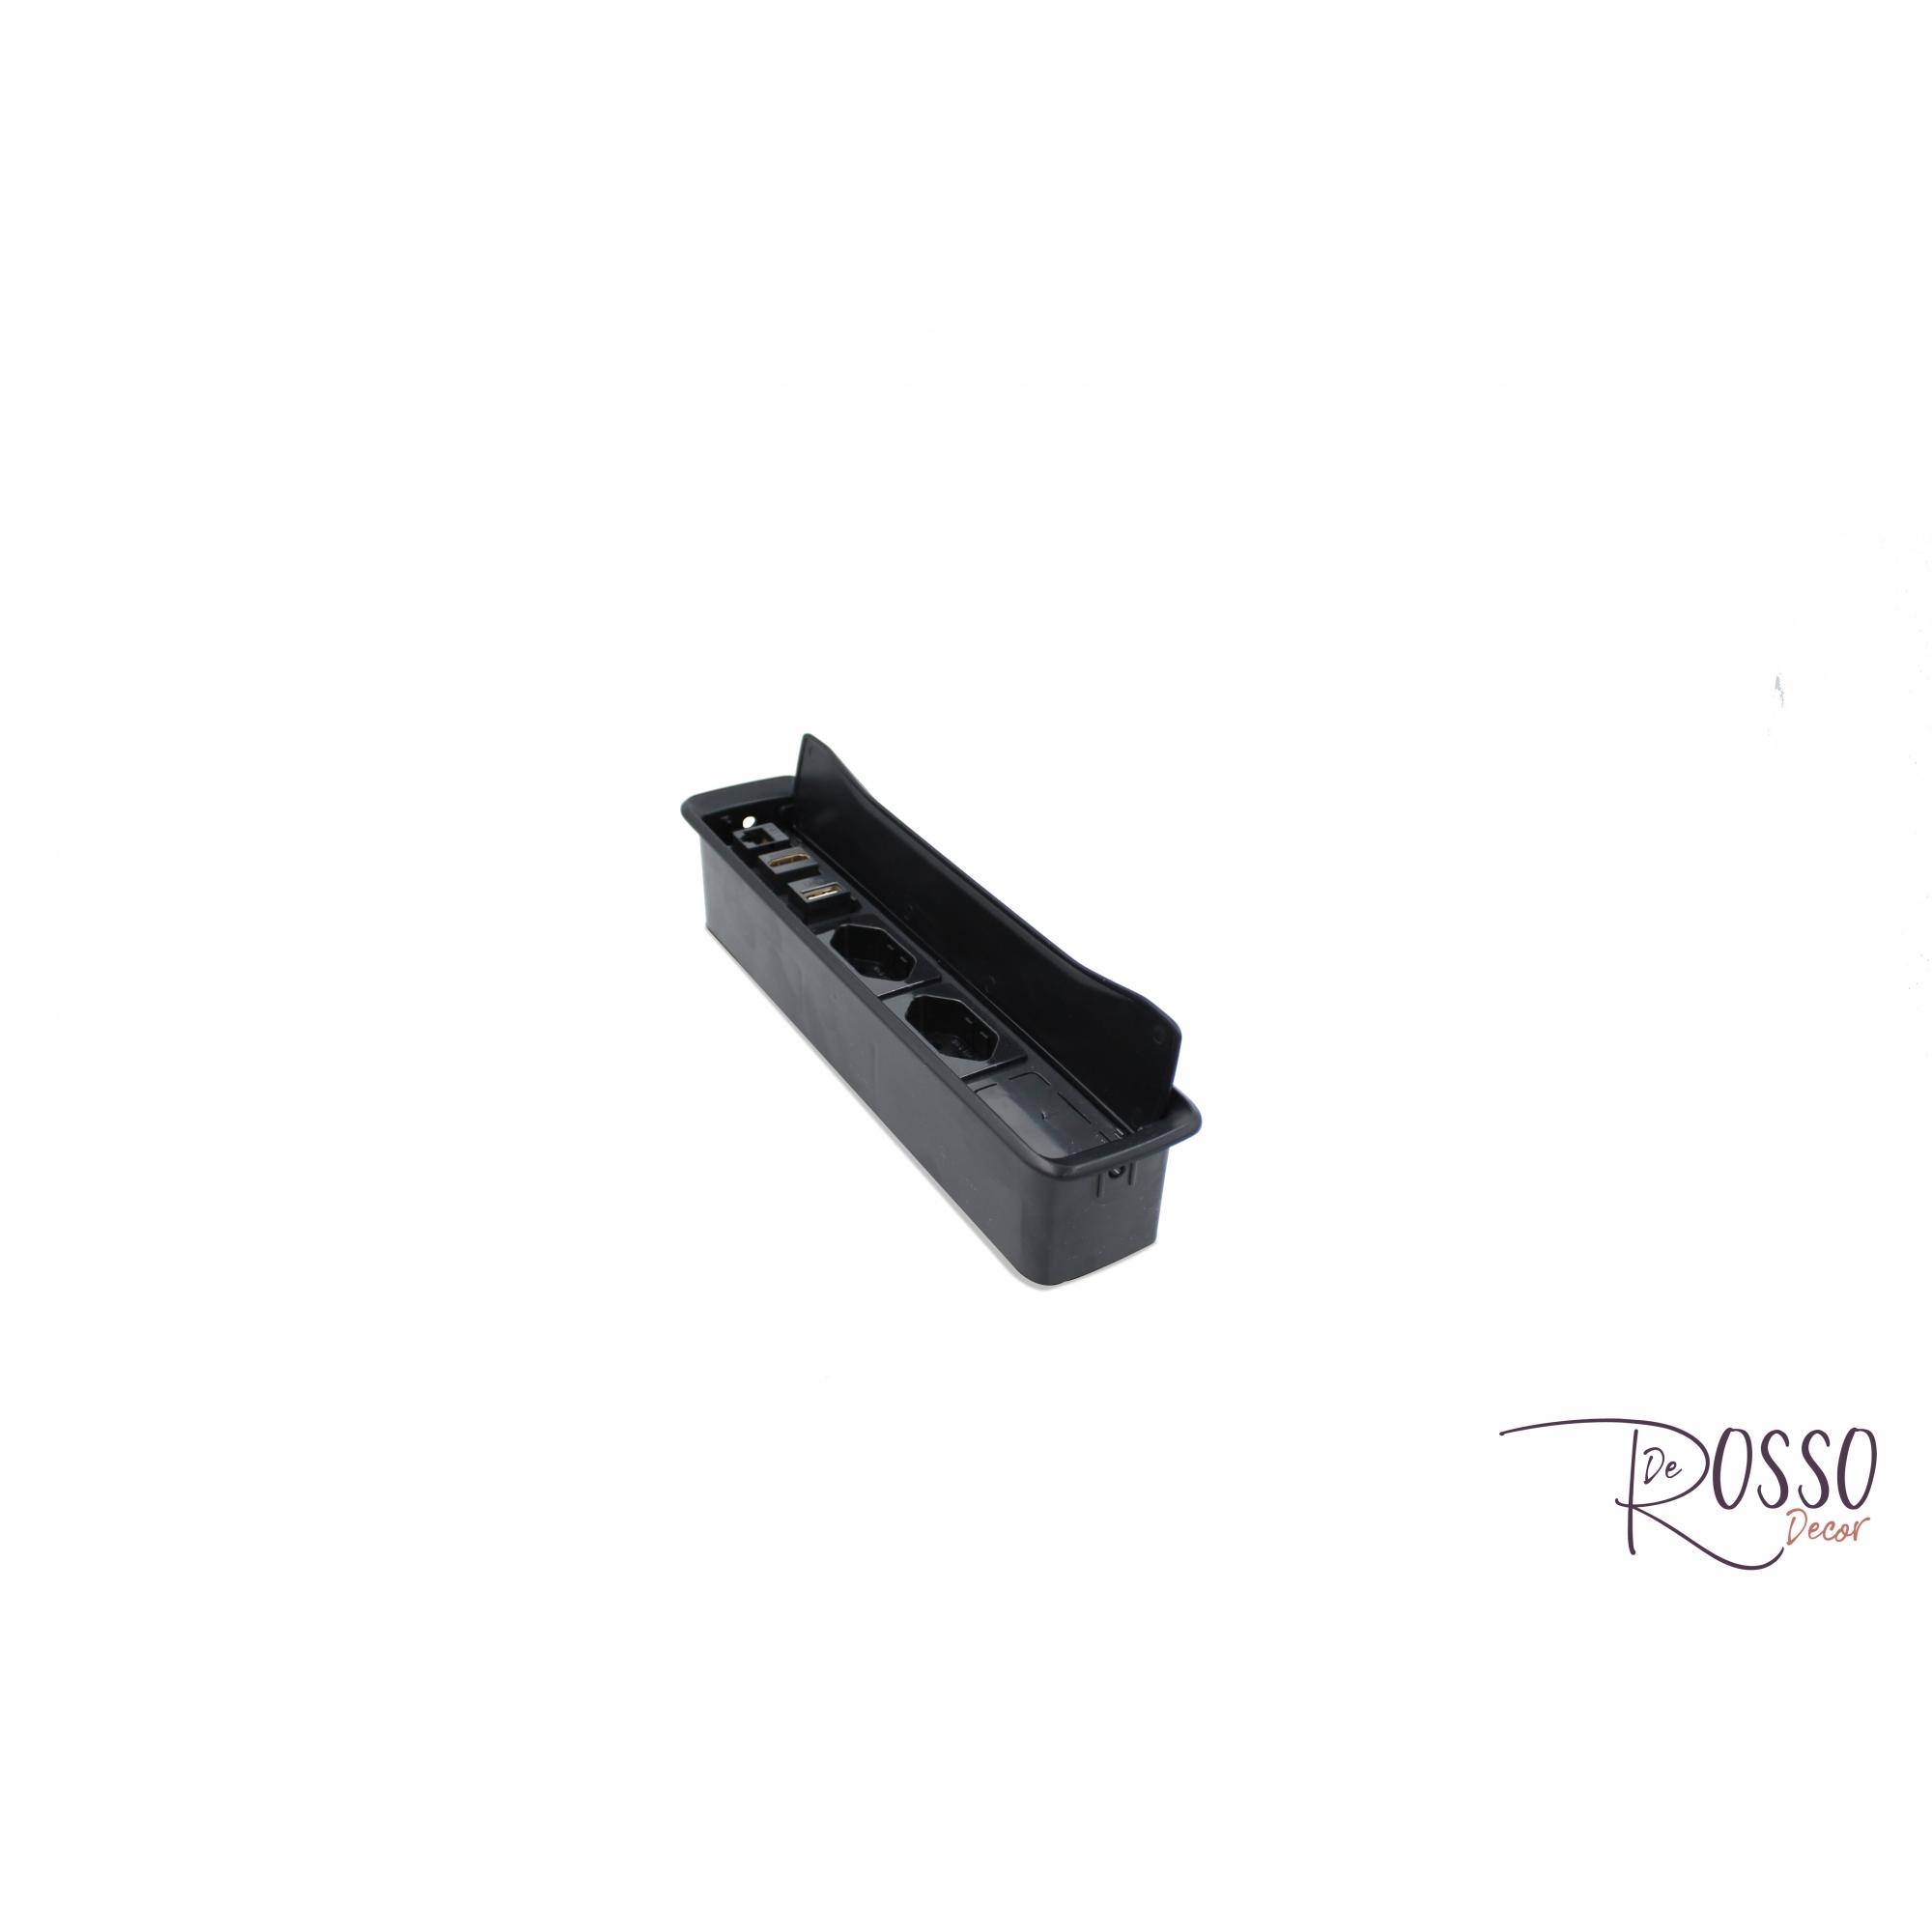 CX MESA NEW SLIM COM 3 TOMADAS 10/20A - PRETO